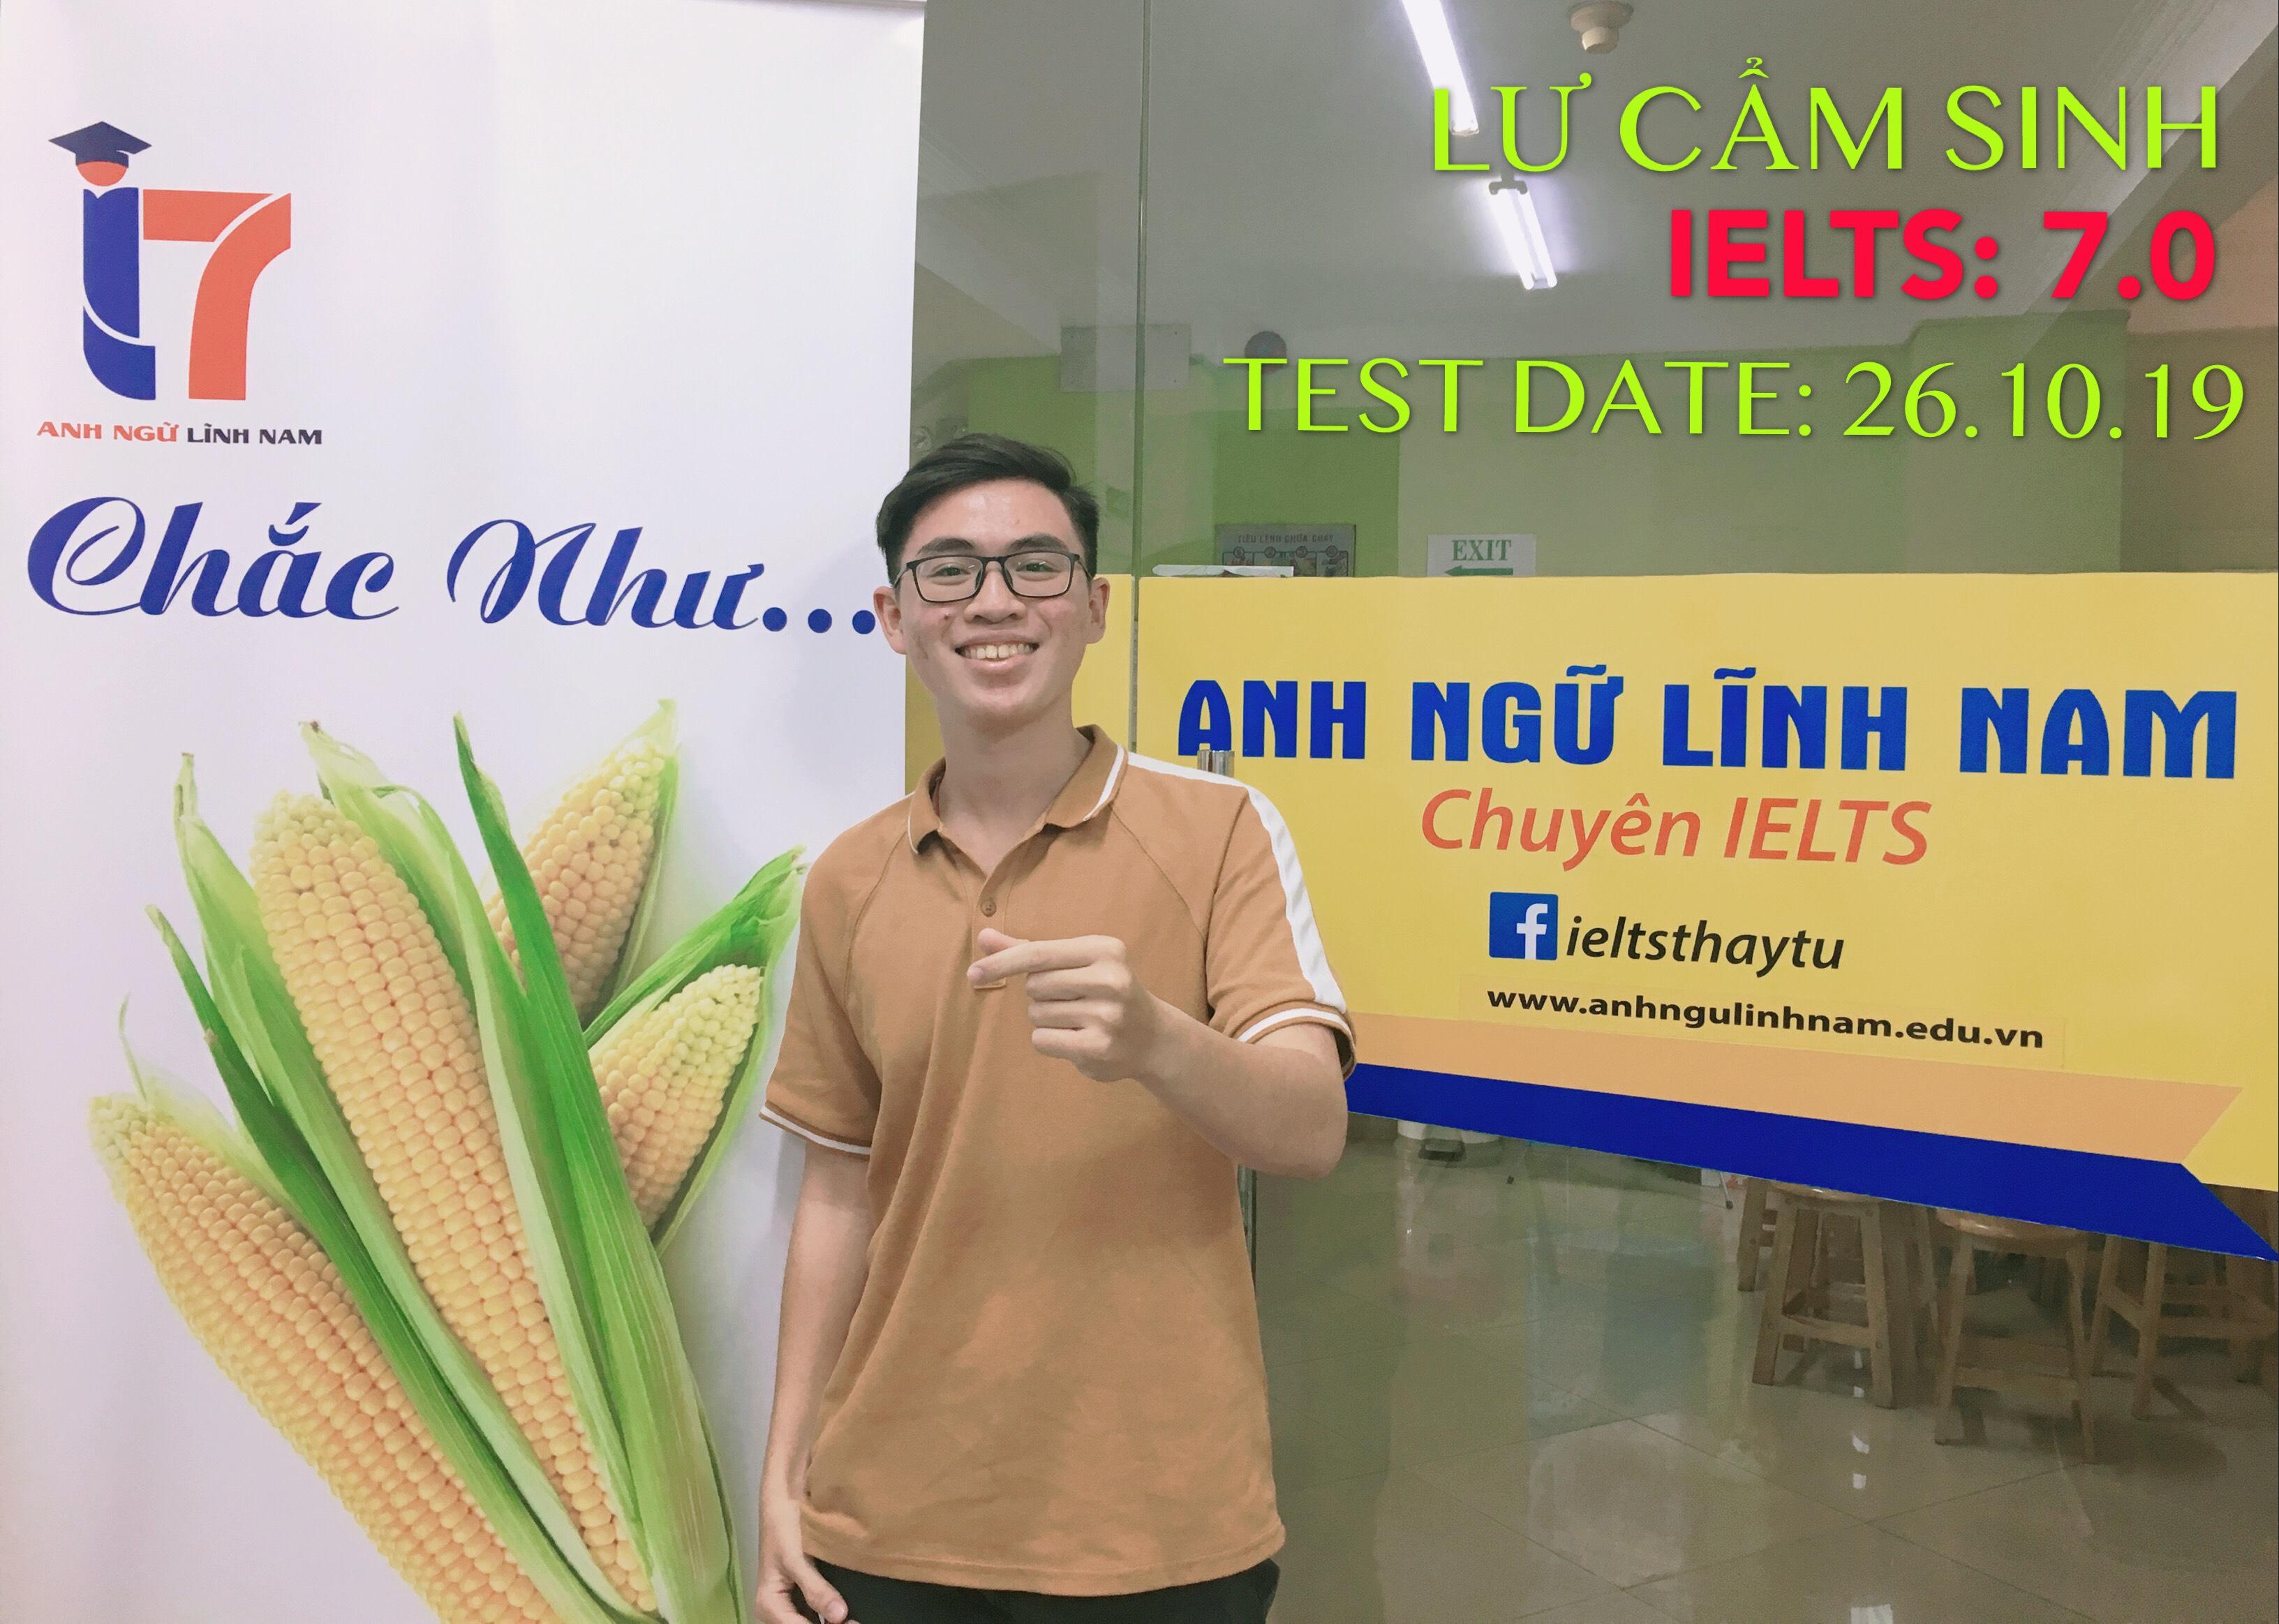 LƯ CẨM SINH-7.0-26.10.2019